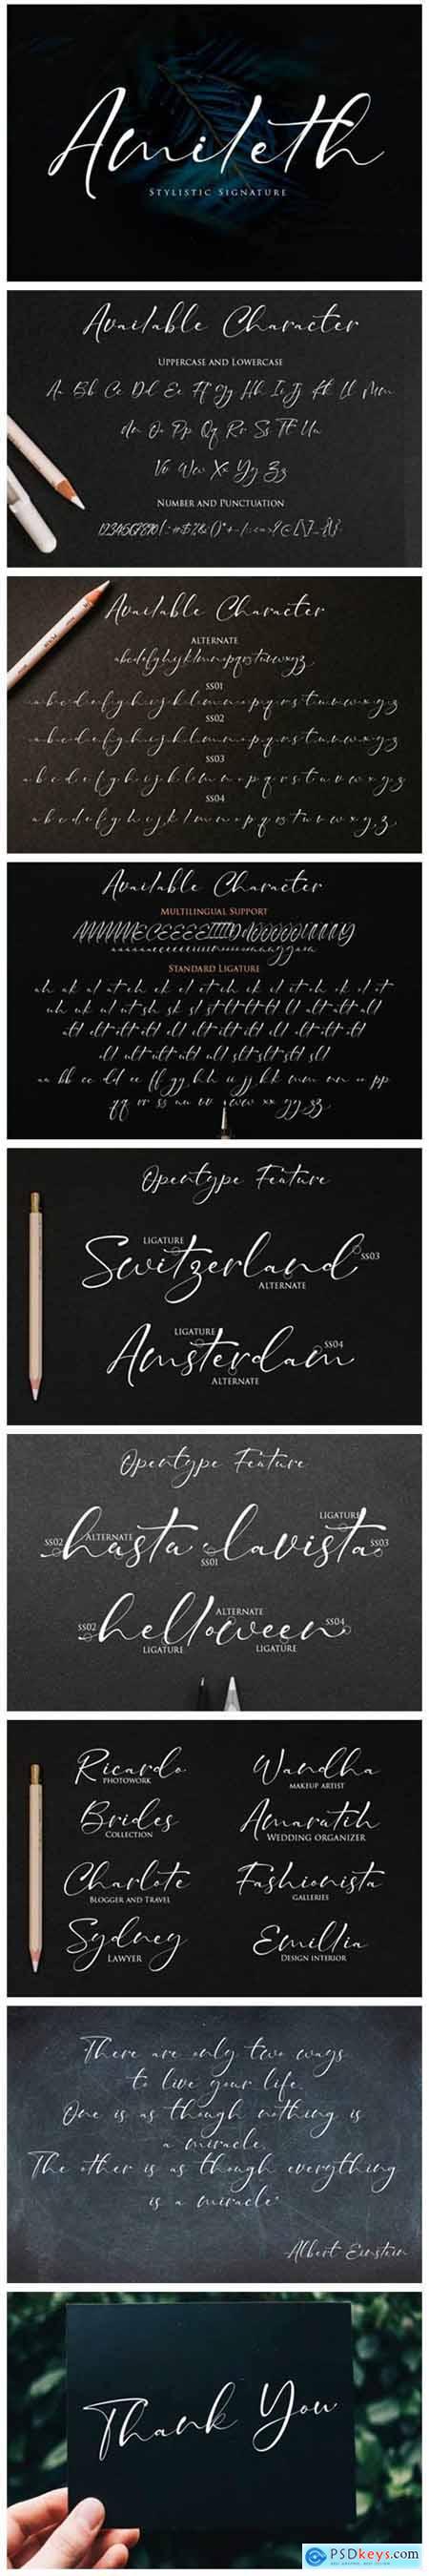 Amileth Font